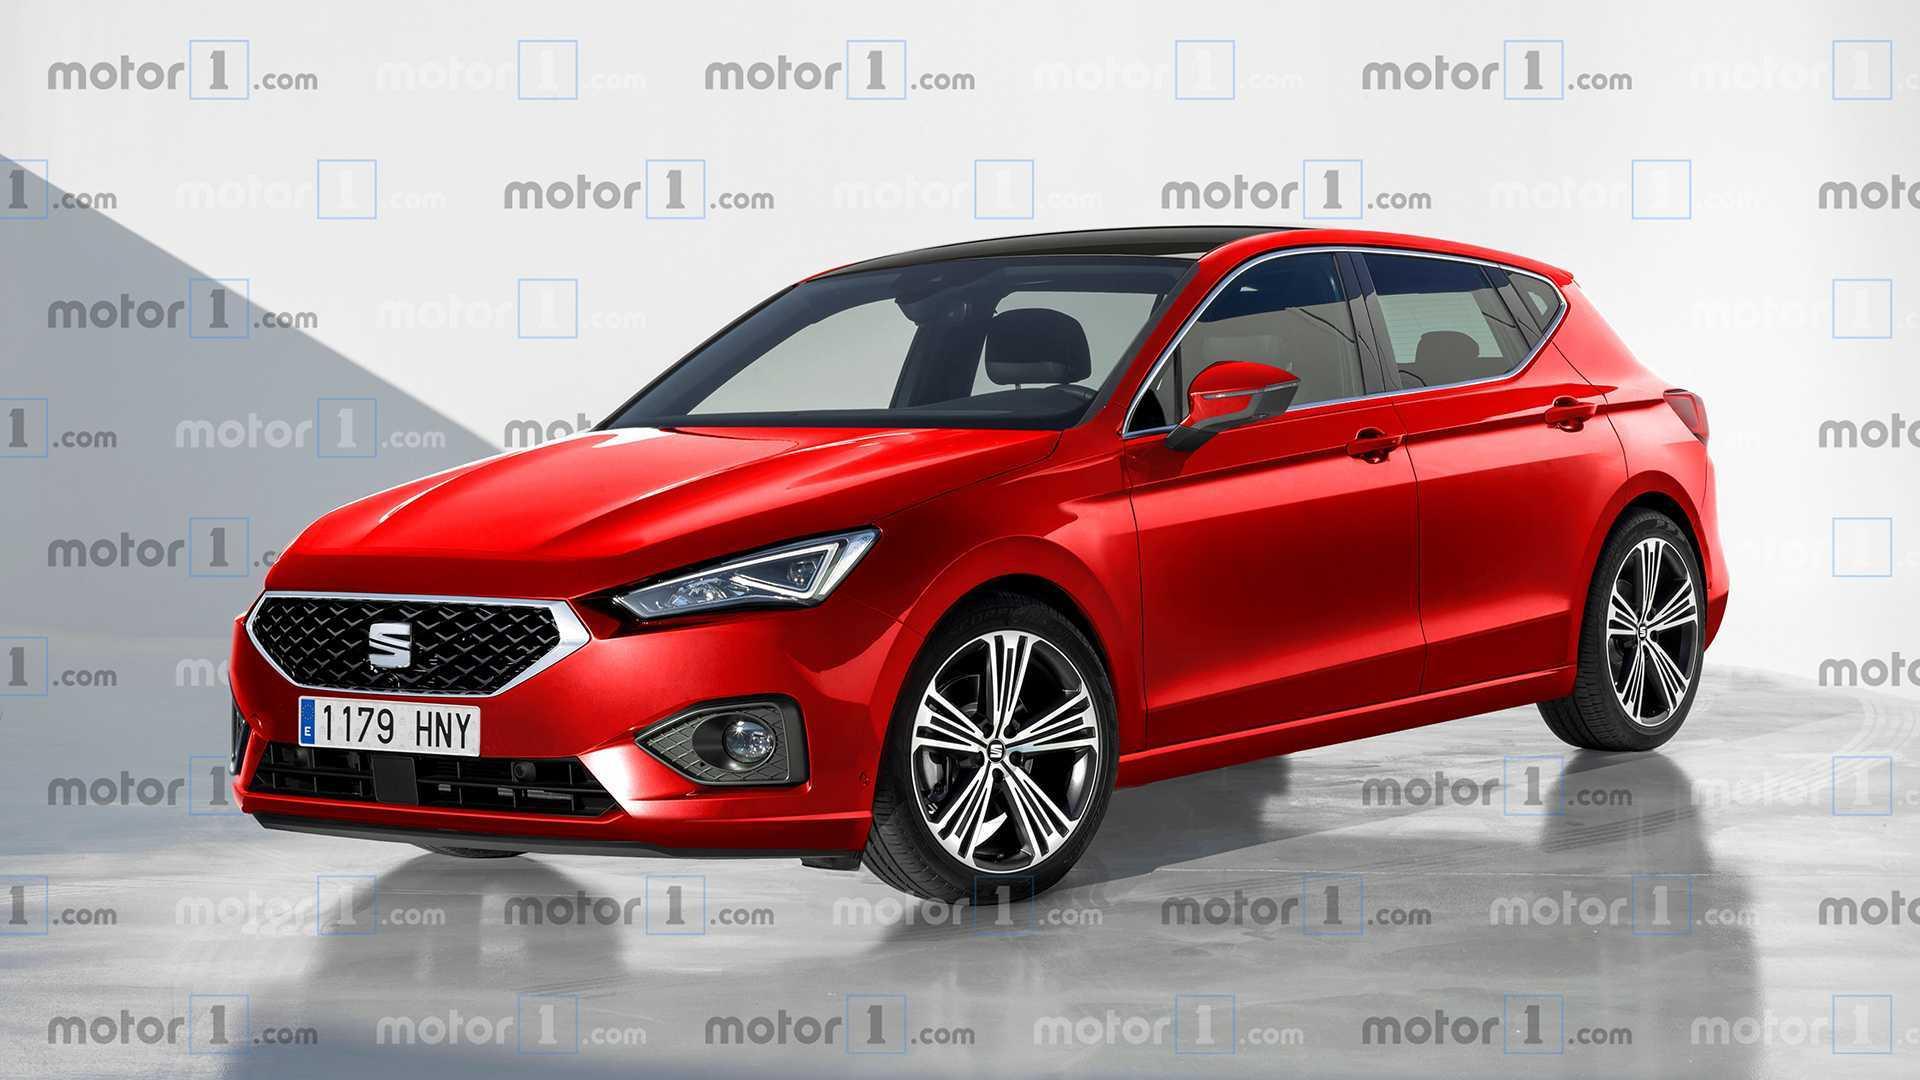 2020 SEAT León / ST IV 19